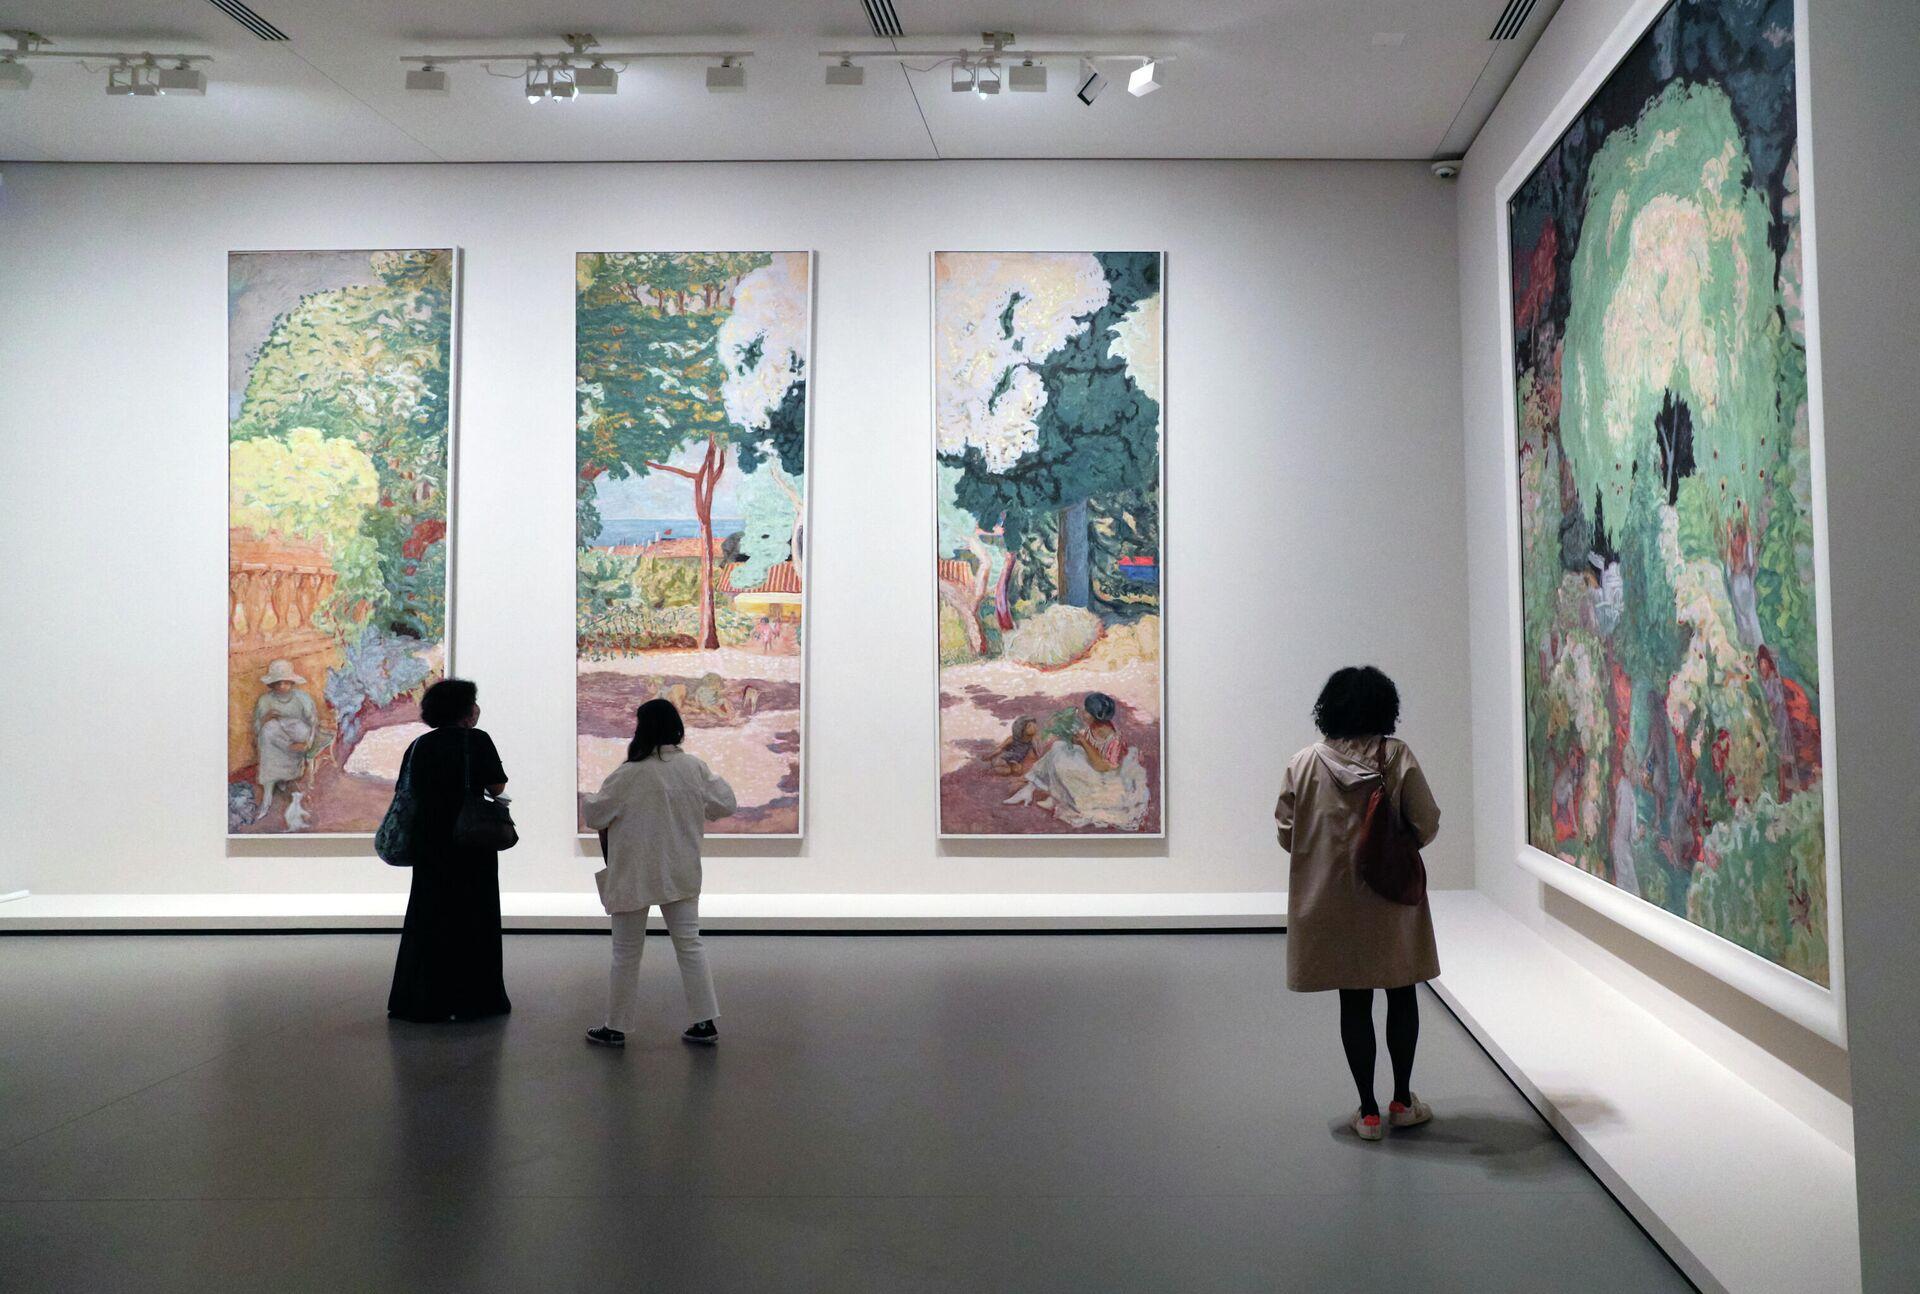 Пресс-показ выставки Коллекция Морозова, иконы современного искусства в фонде Louis Vuitton в Париже - РИА Новости, 1920, 11.10.2021